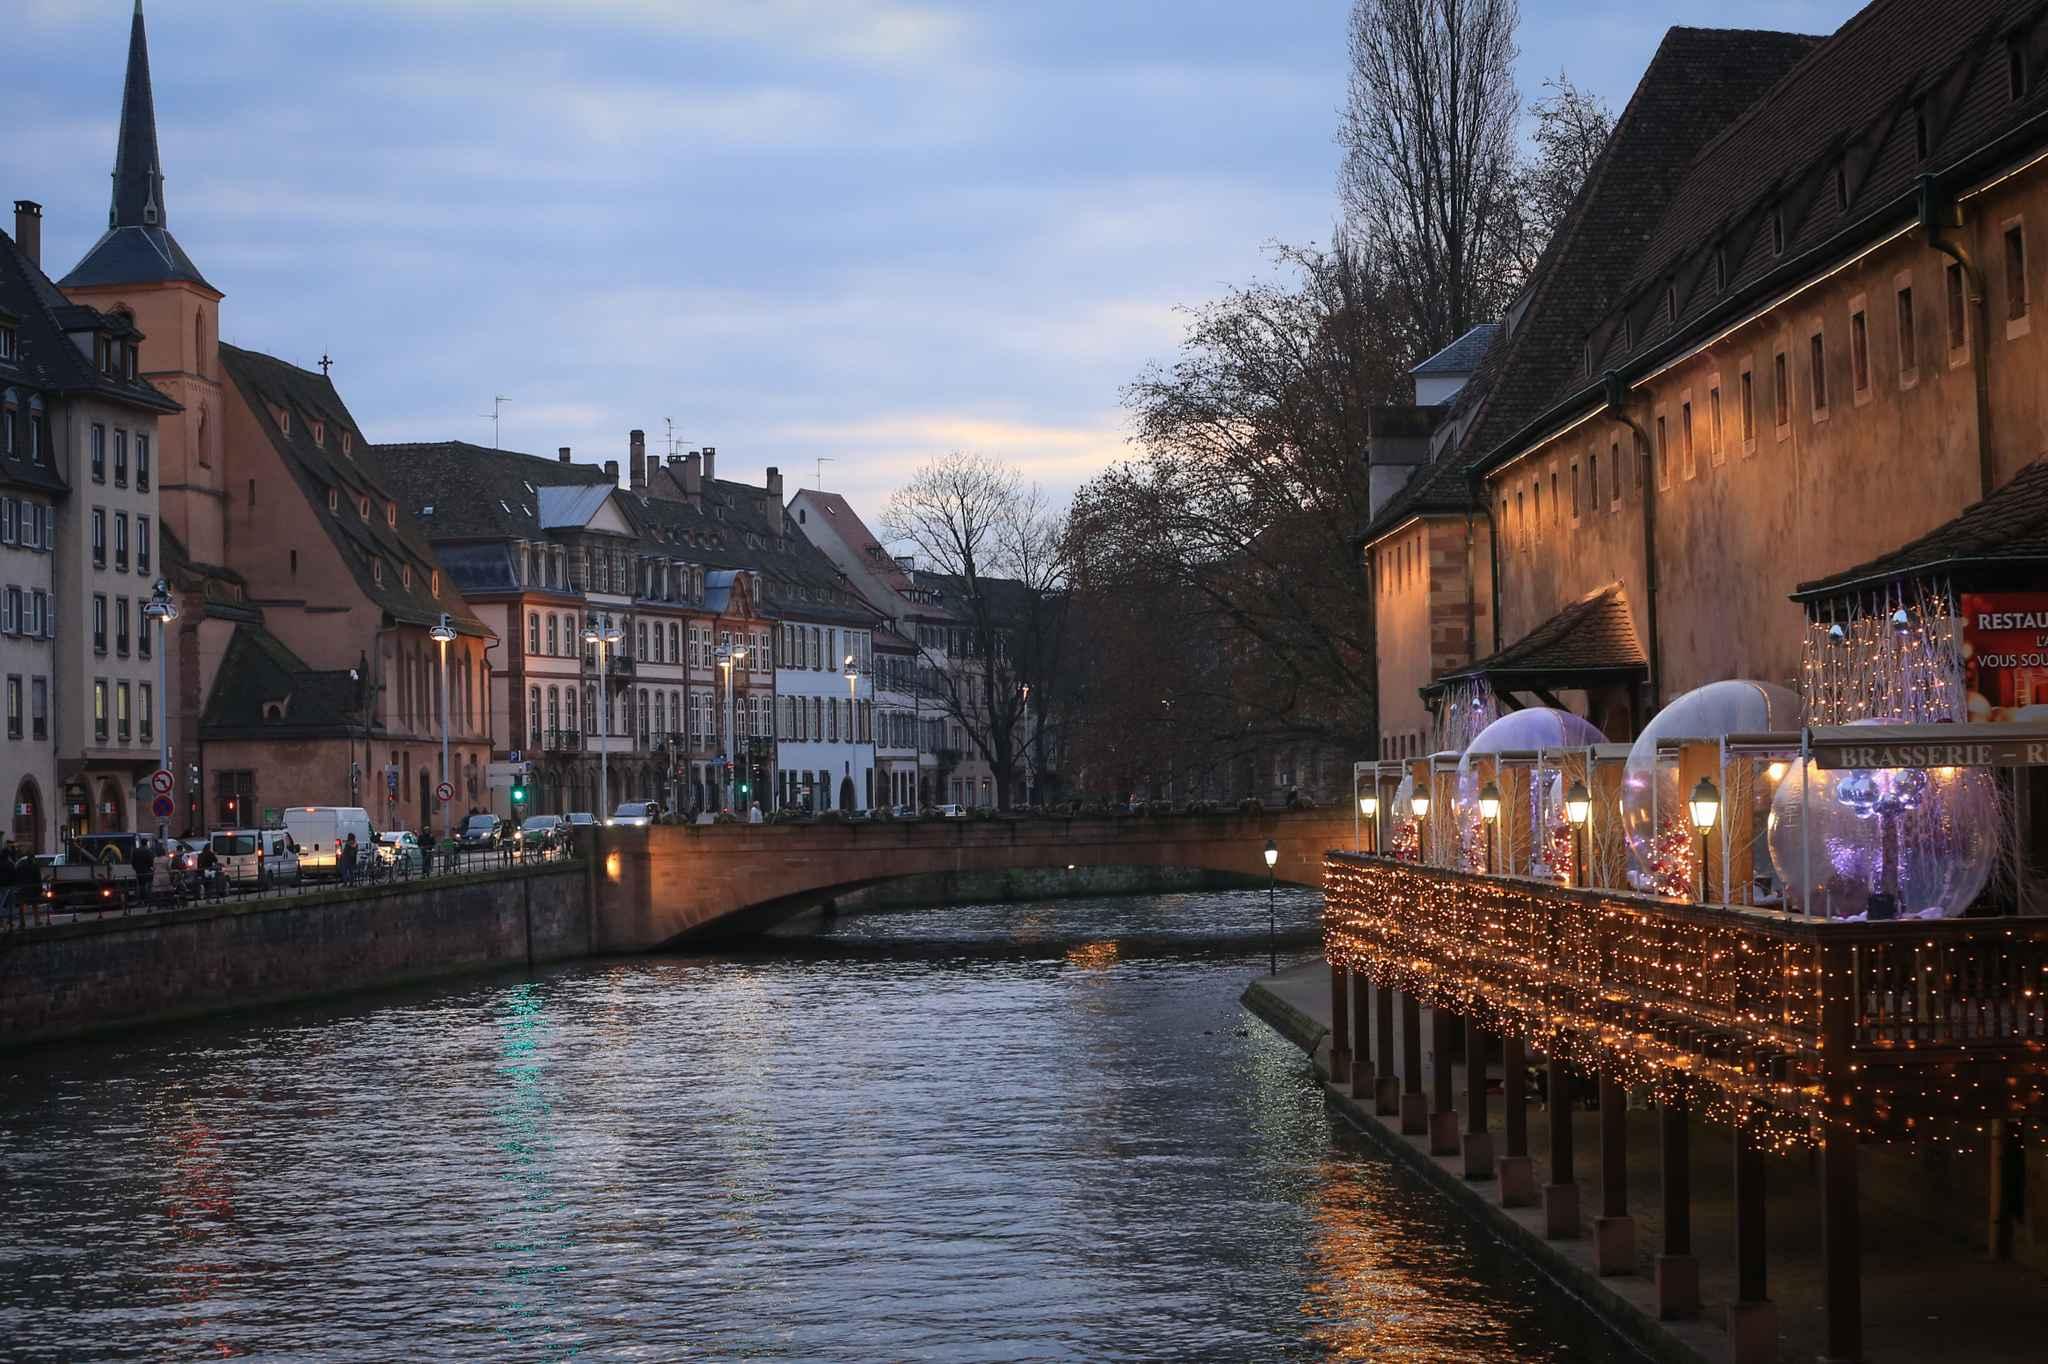 strasbourg la 2e ville la plus consult e par les voyageurs fran ais pour leur vacances d 39 hiver. Black Bedroom Furniture Sets. Home Design Ideas